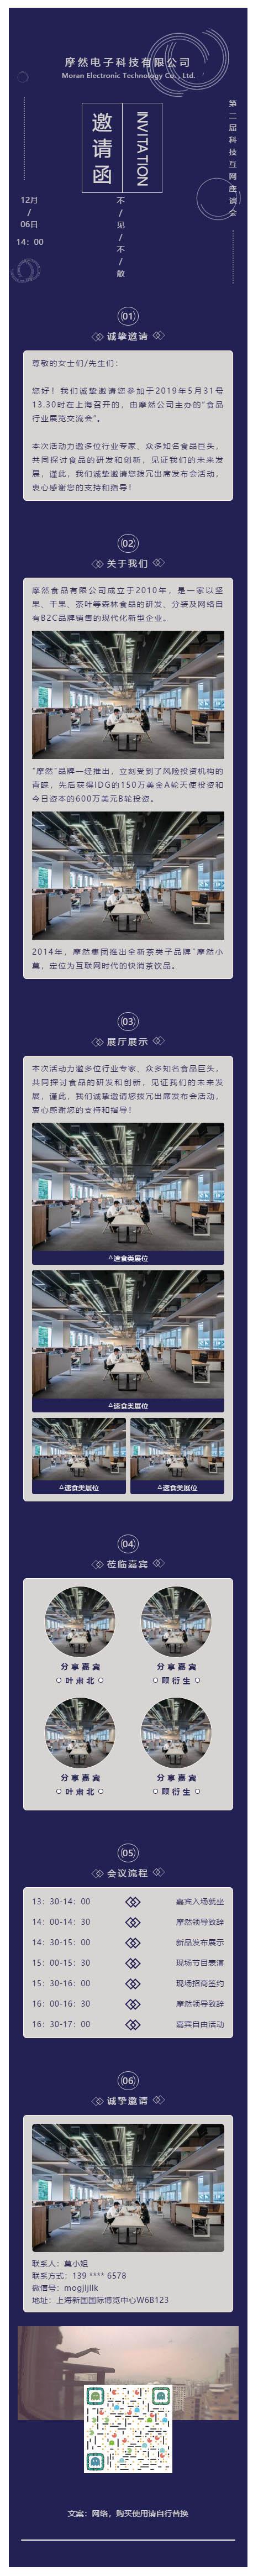 科技公司邀请函动态背景蓝色企业推文模板公众号推送素材